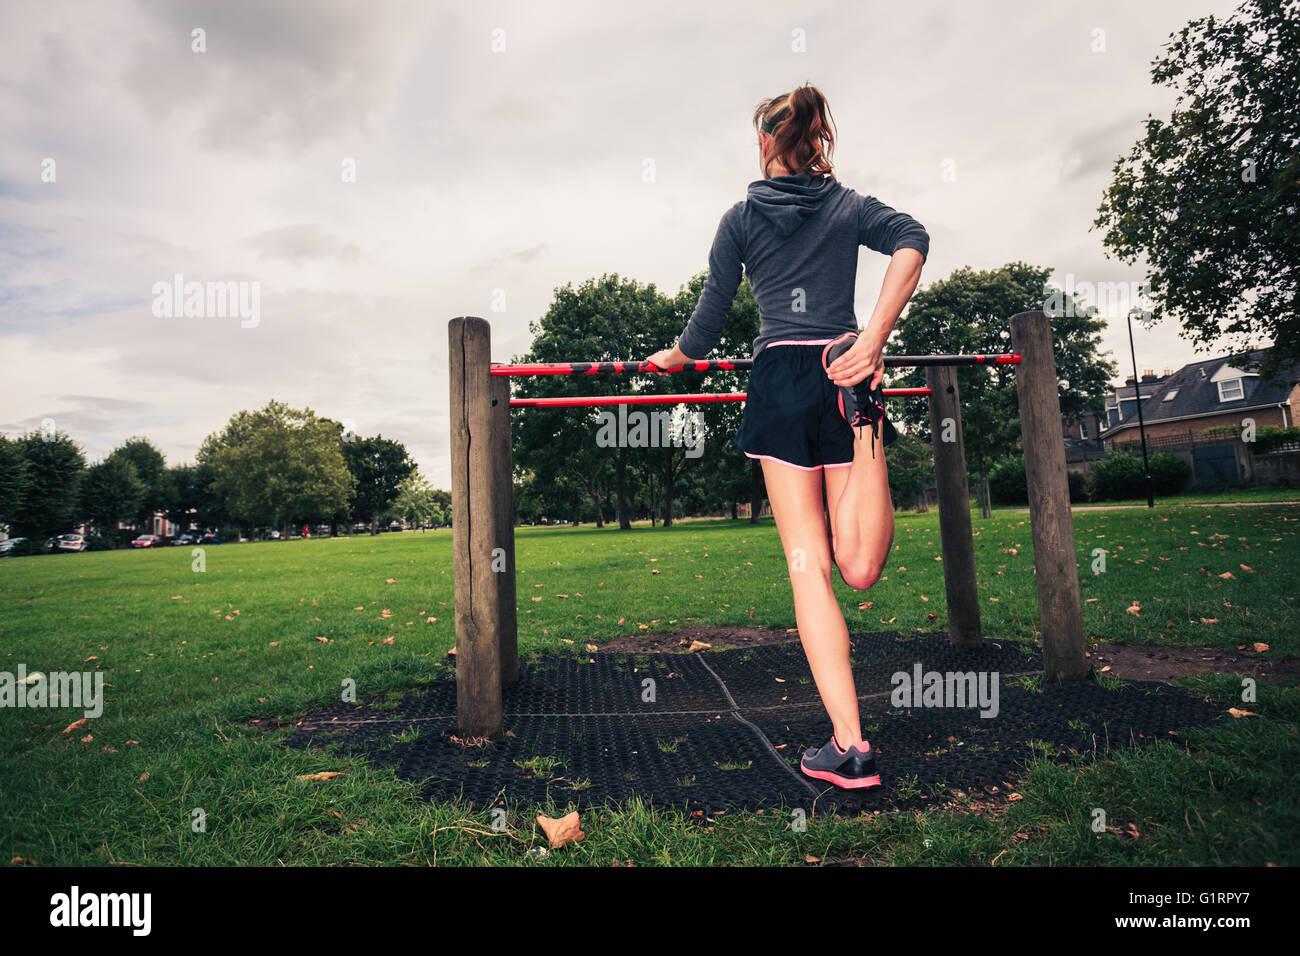 Una joven mujer es estirar sus piernas sobre equipos de gimnasia en el parque Imagen De Stock